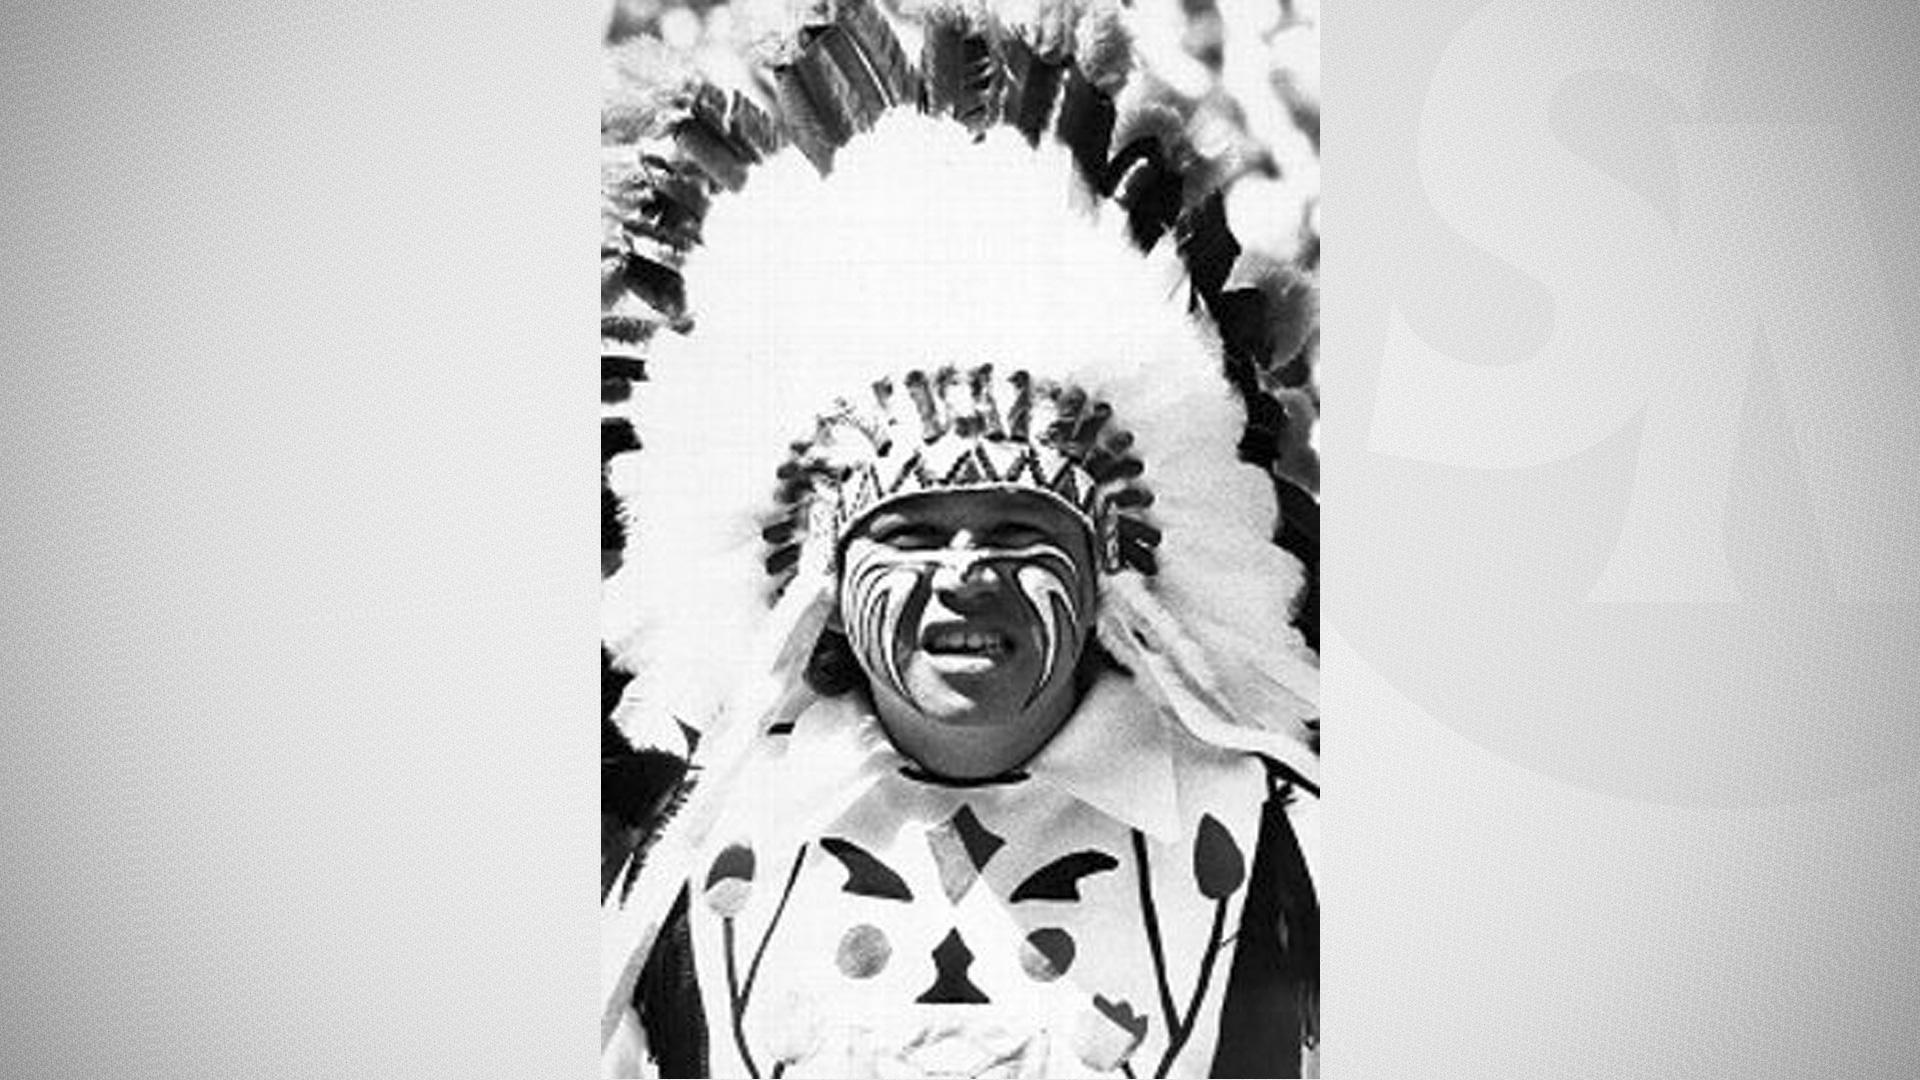 Chief-noc-a-homa-050316-ap-ftrjpg_9jhqp7175lp41qiakclk9xi4c